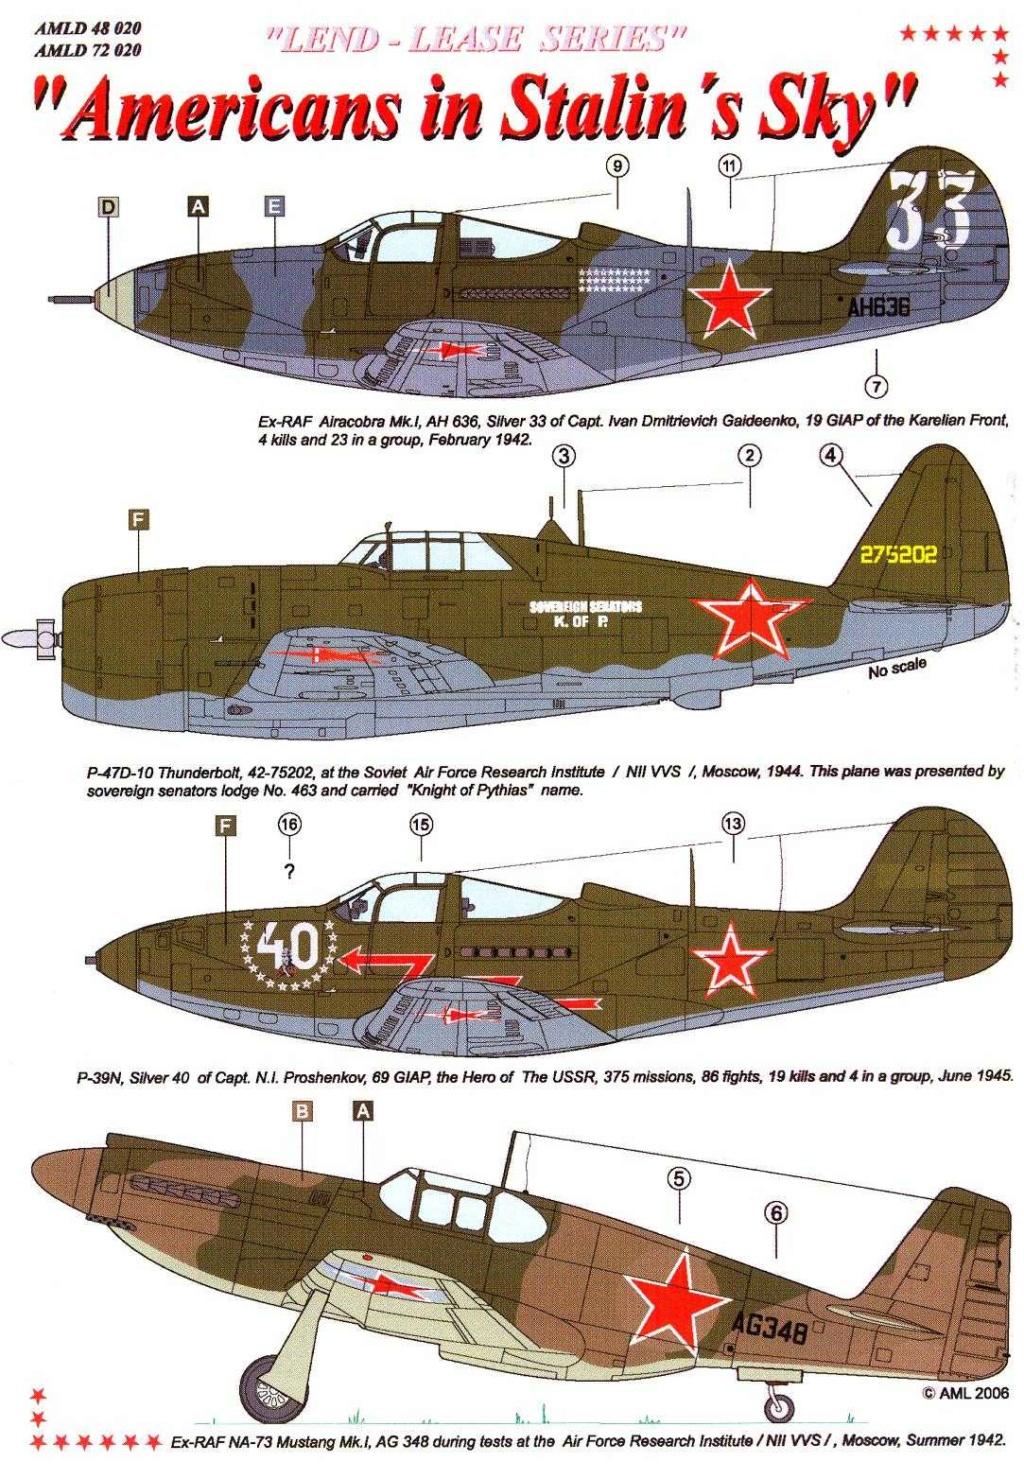 Bell P-400 aux couleurs Russes ( Eduard 1/48) Amld4818